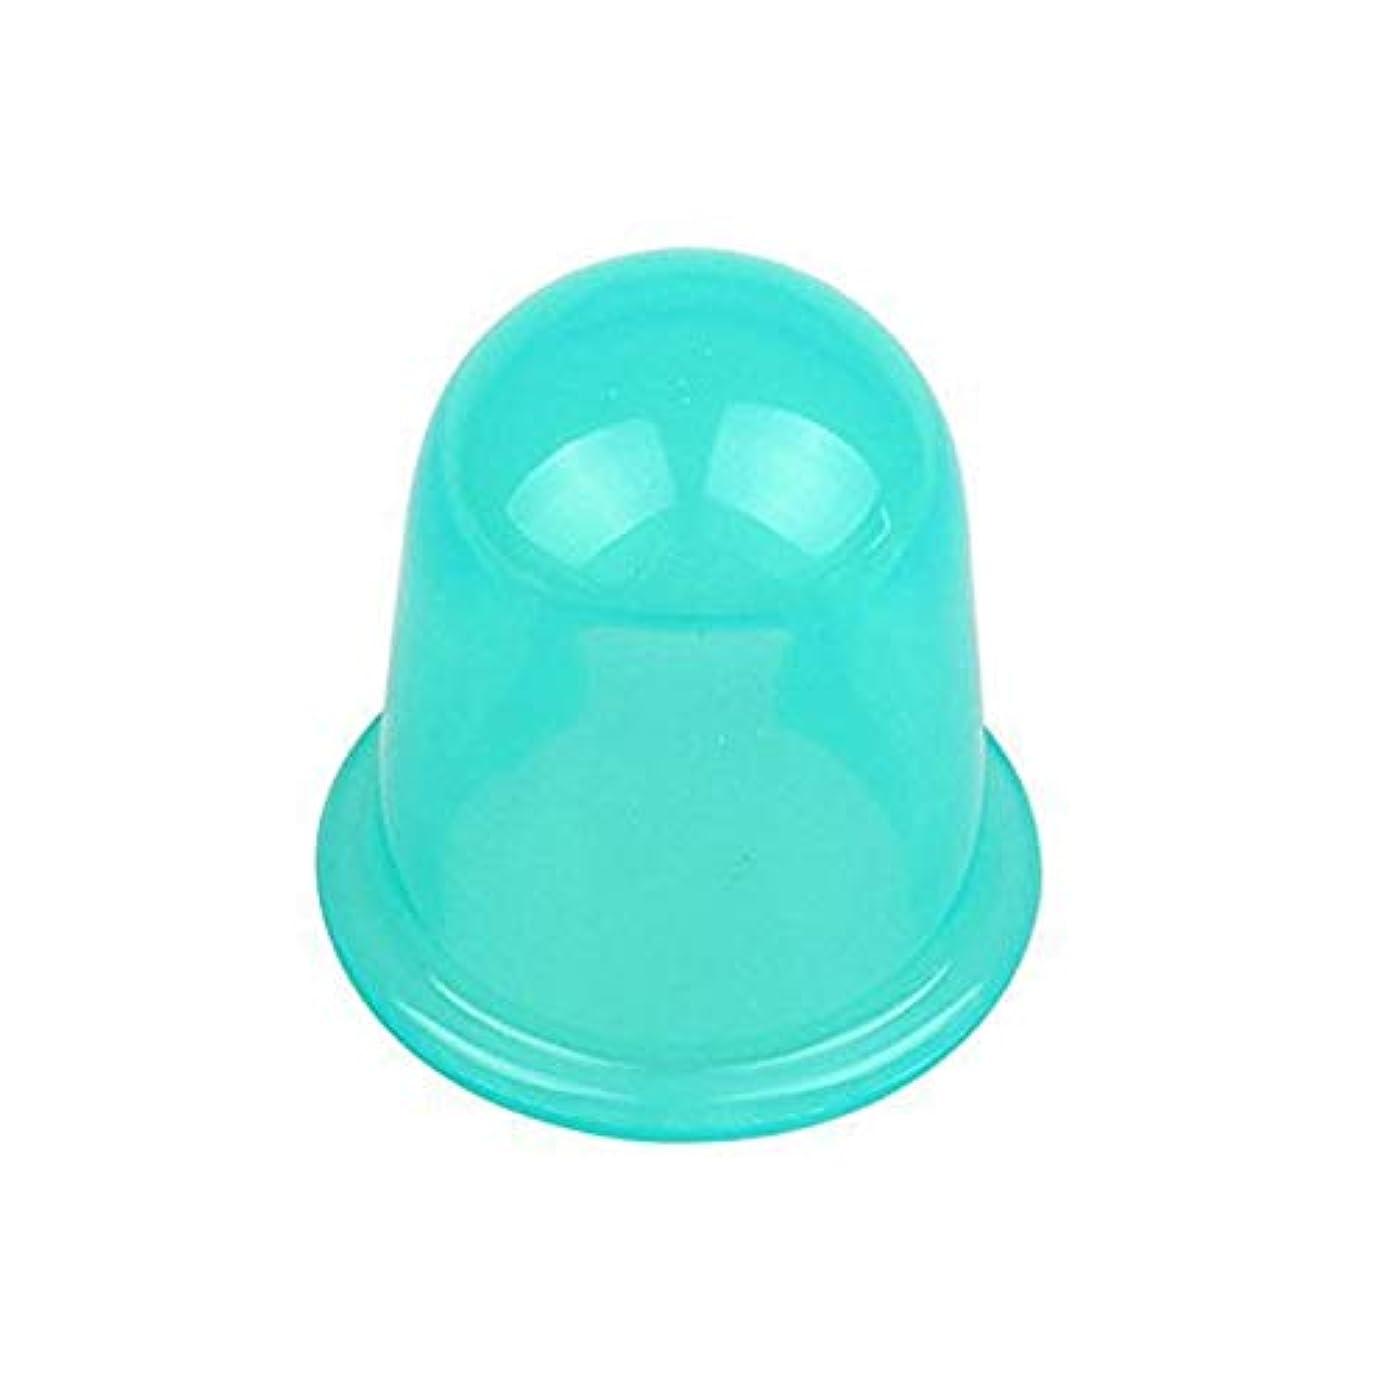 見えない謎めいたストロー耐久性のある水分吸収体アンチセルライト真空カッピングカップデバイスフェイシャルボディマッサージセラピーシリコーンカッピングカップ - グリーン